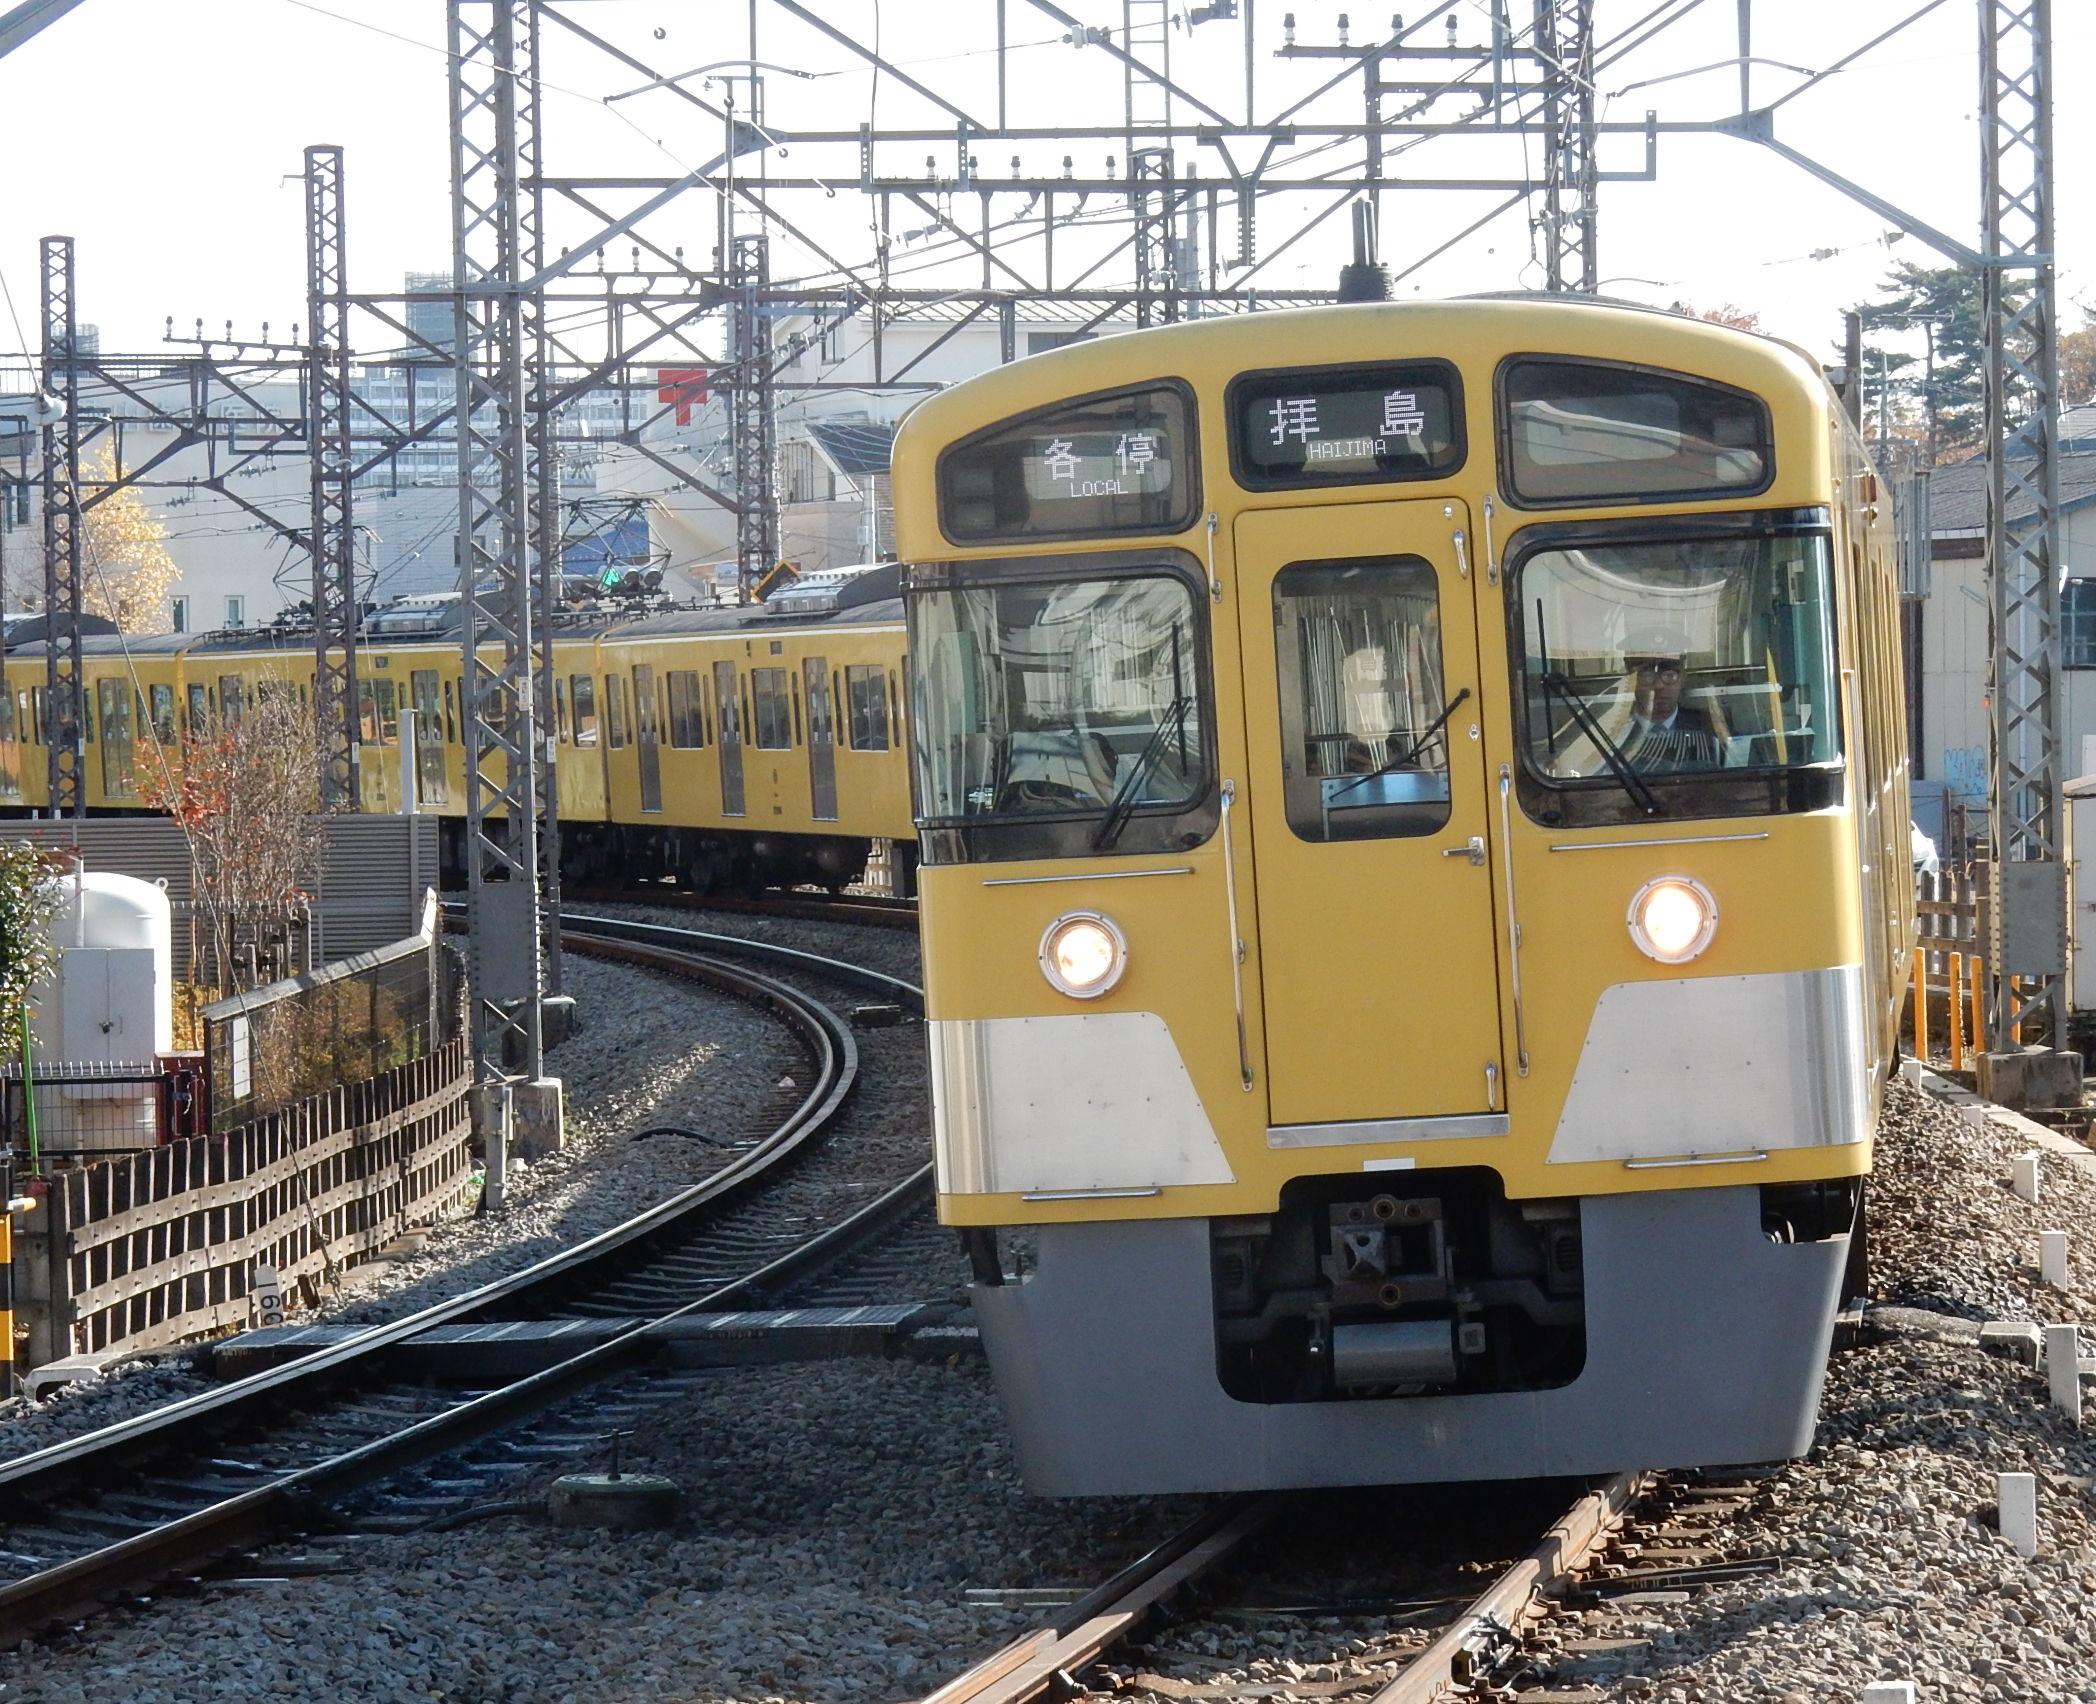 DSCN9112.jpg